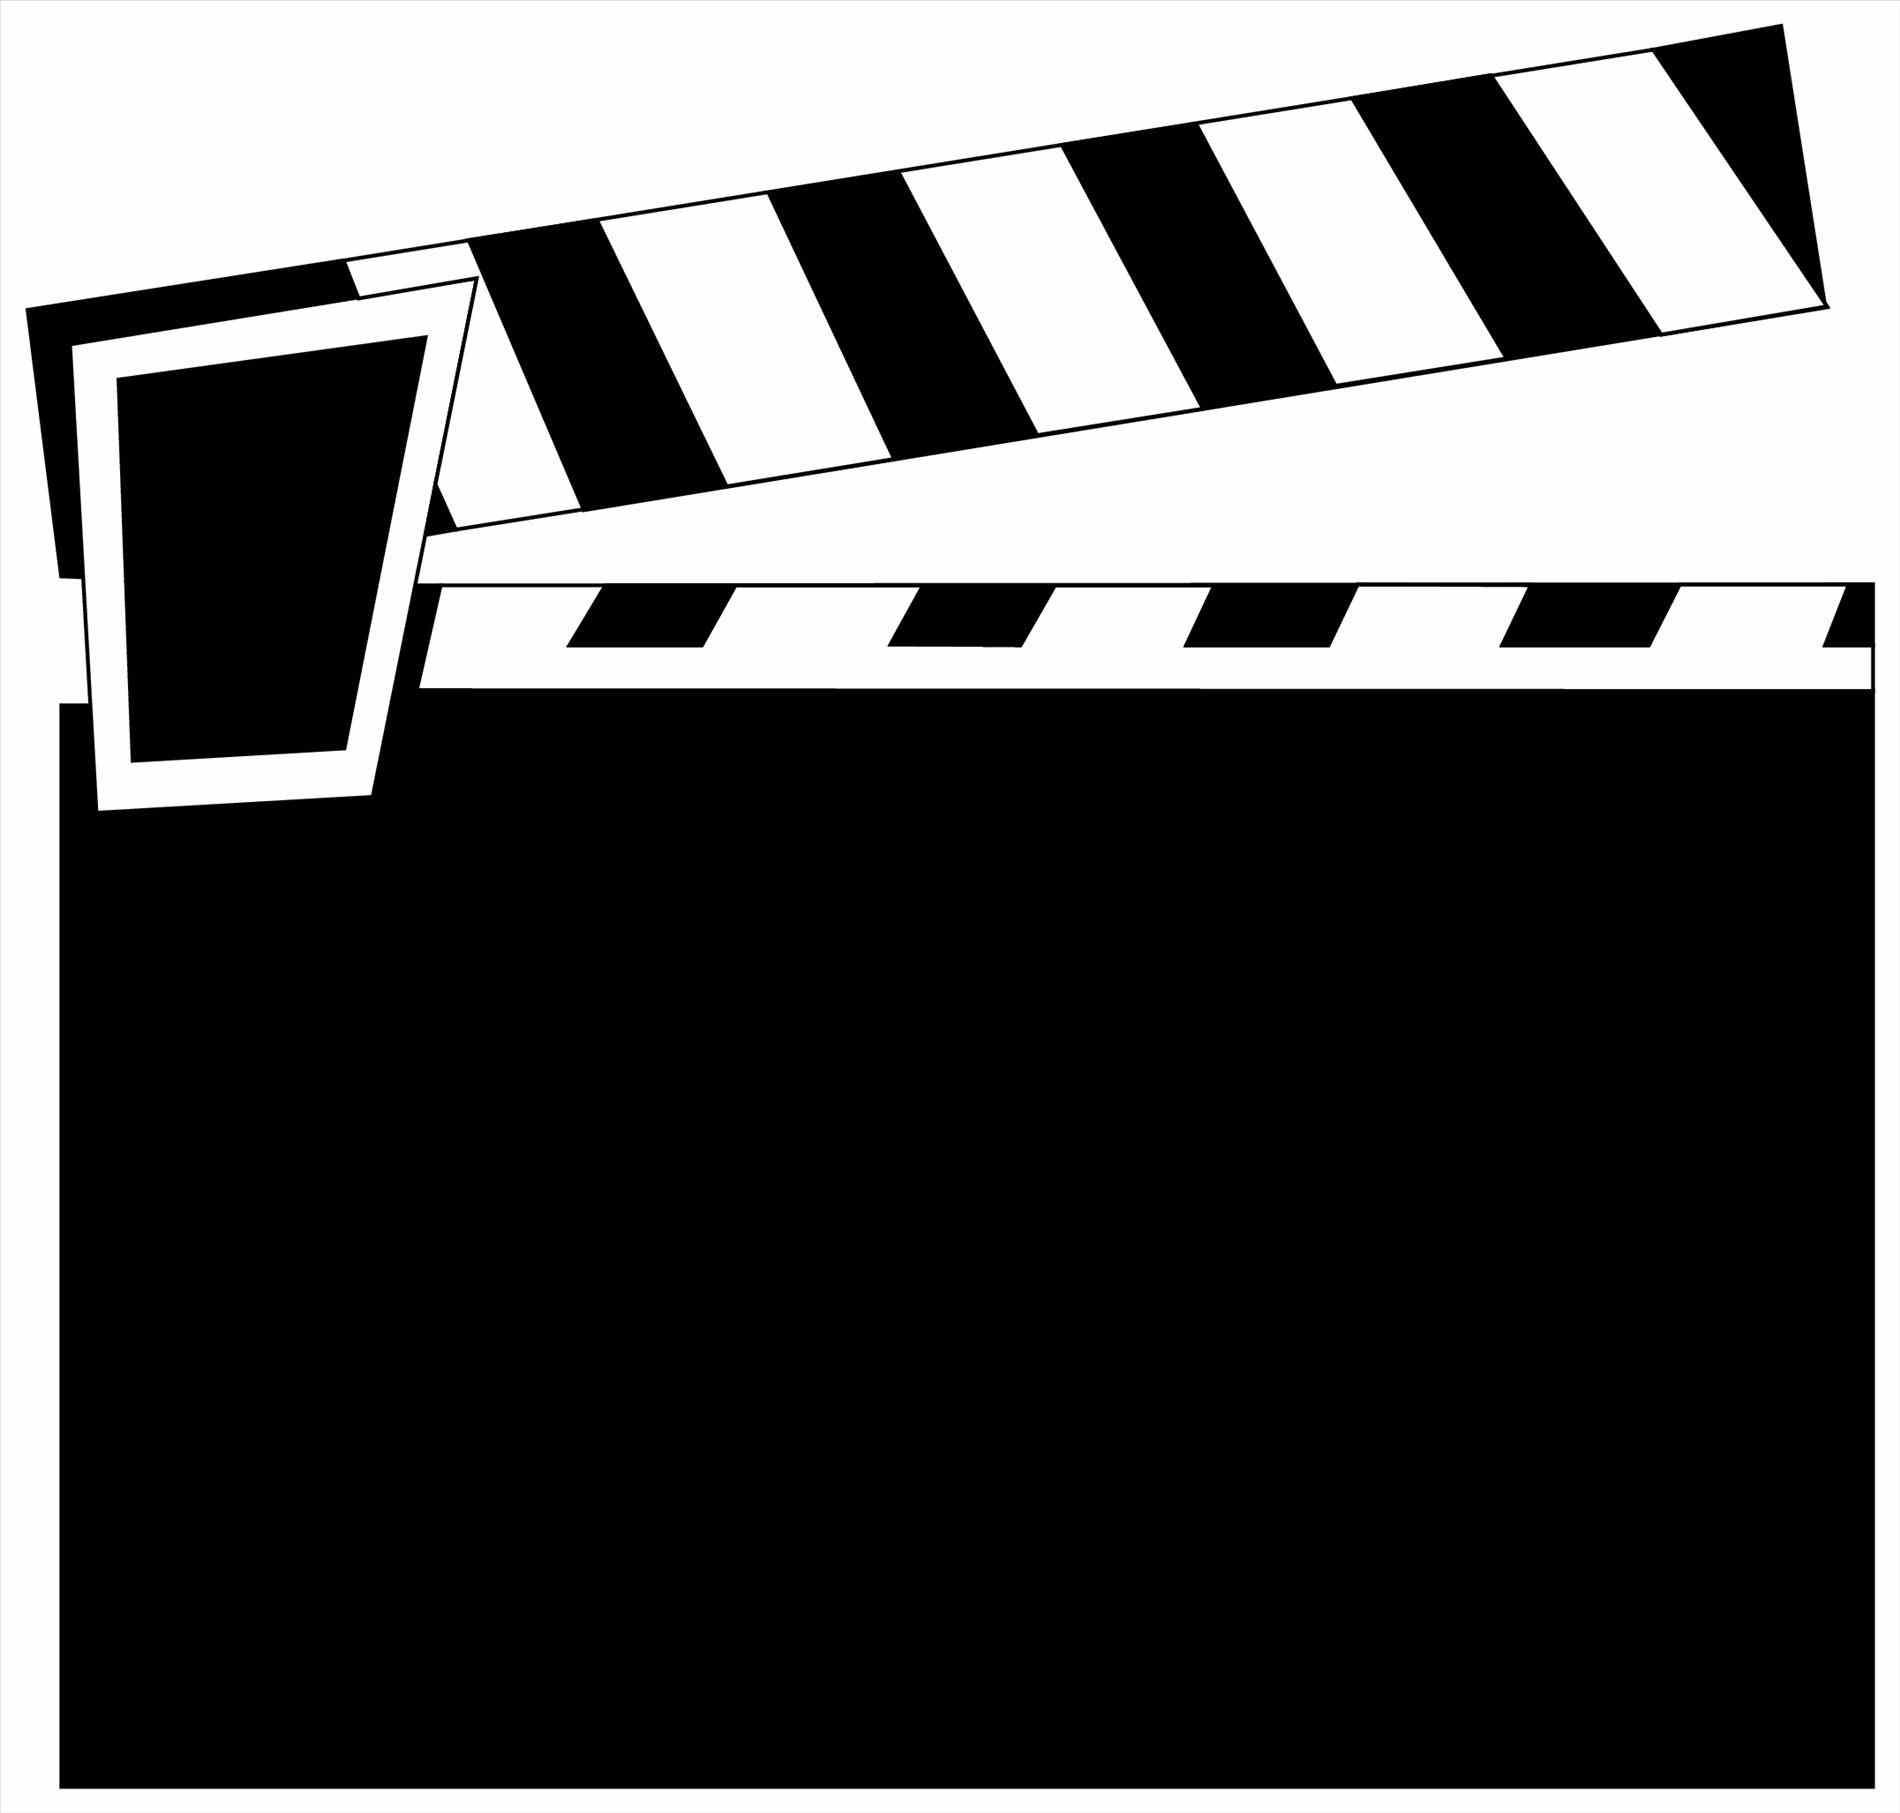 Movie clapper clipart free download best movie clapper clipart 1900x1813 interior all director clipart free download clip art on director biocorpaavc